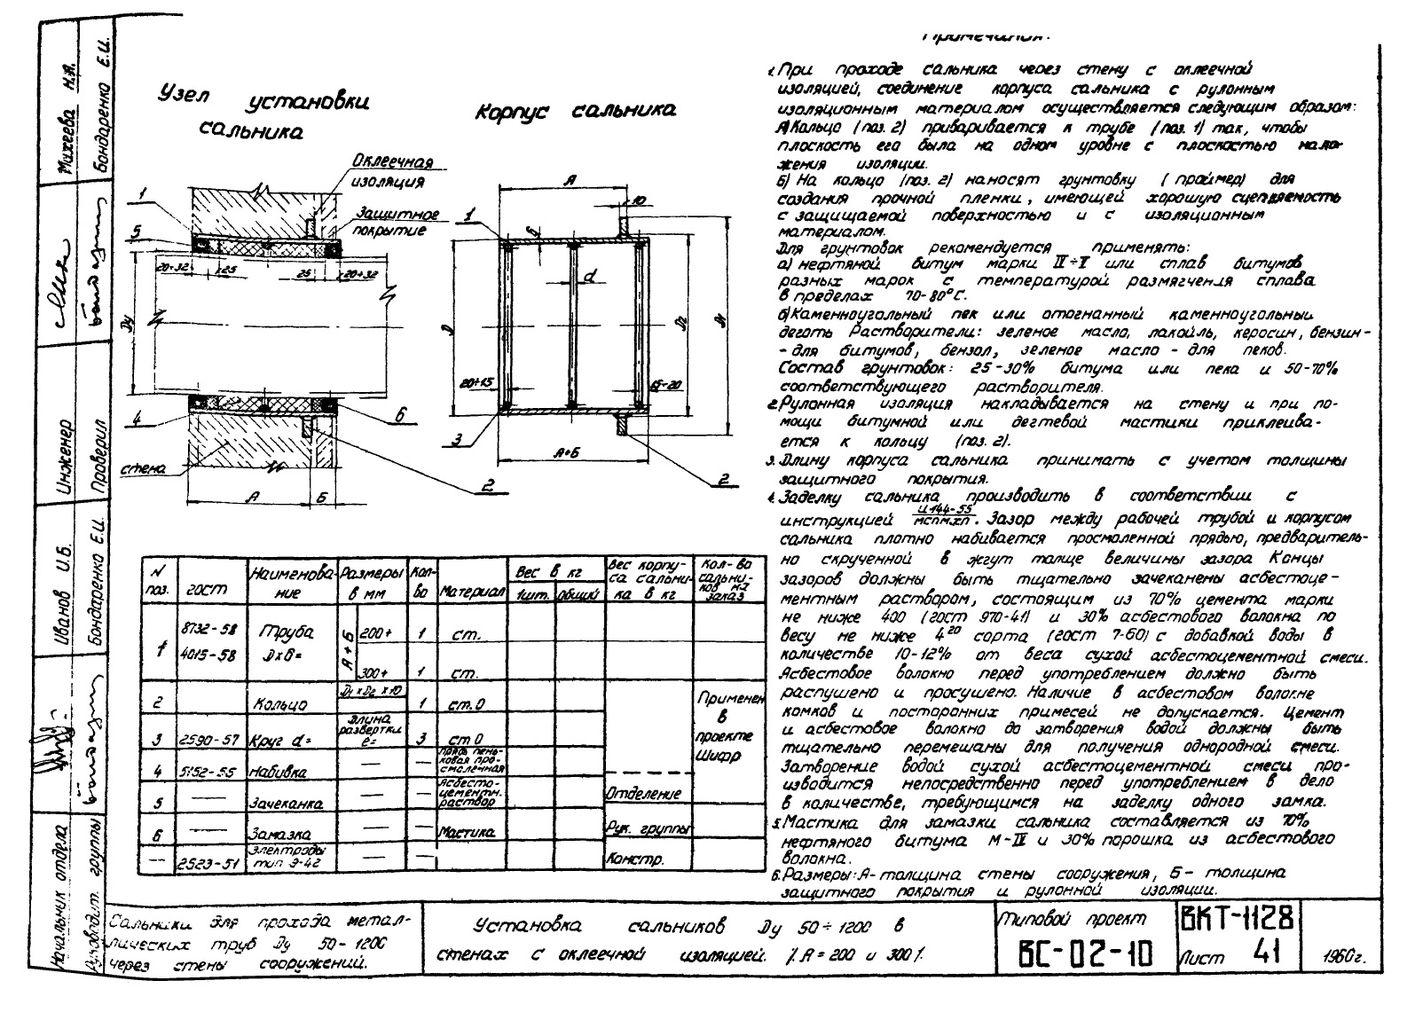 Сальники набивные L = 200 мм типовой проект ВС-02-10 стр.20